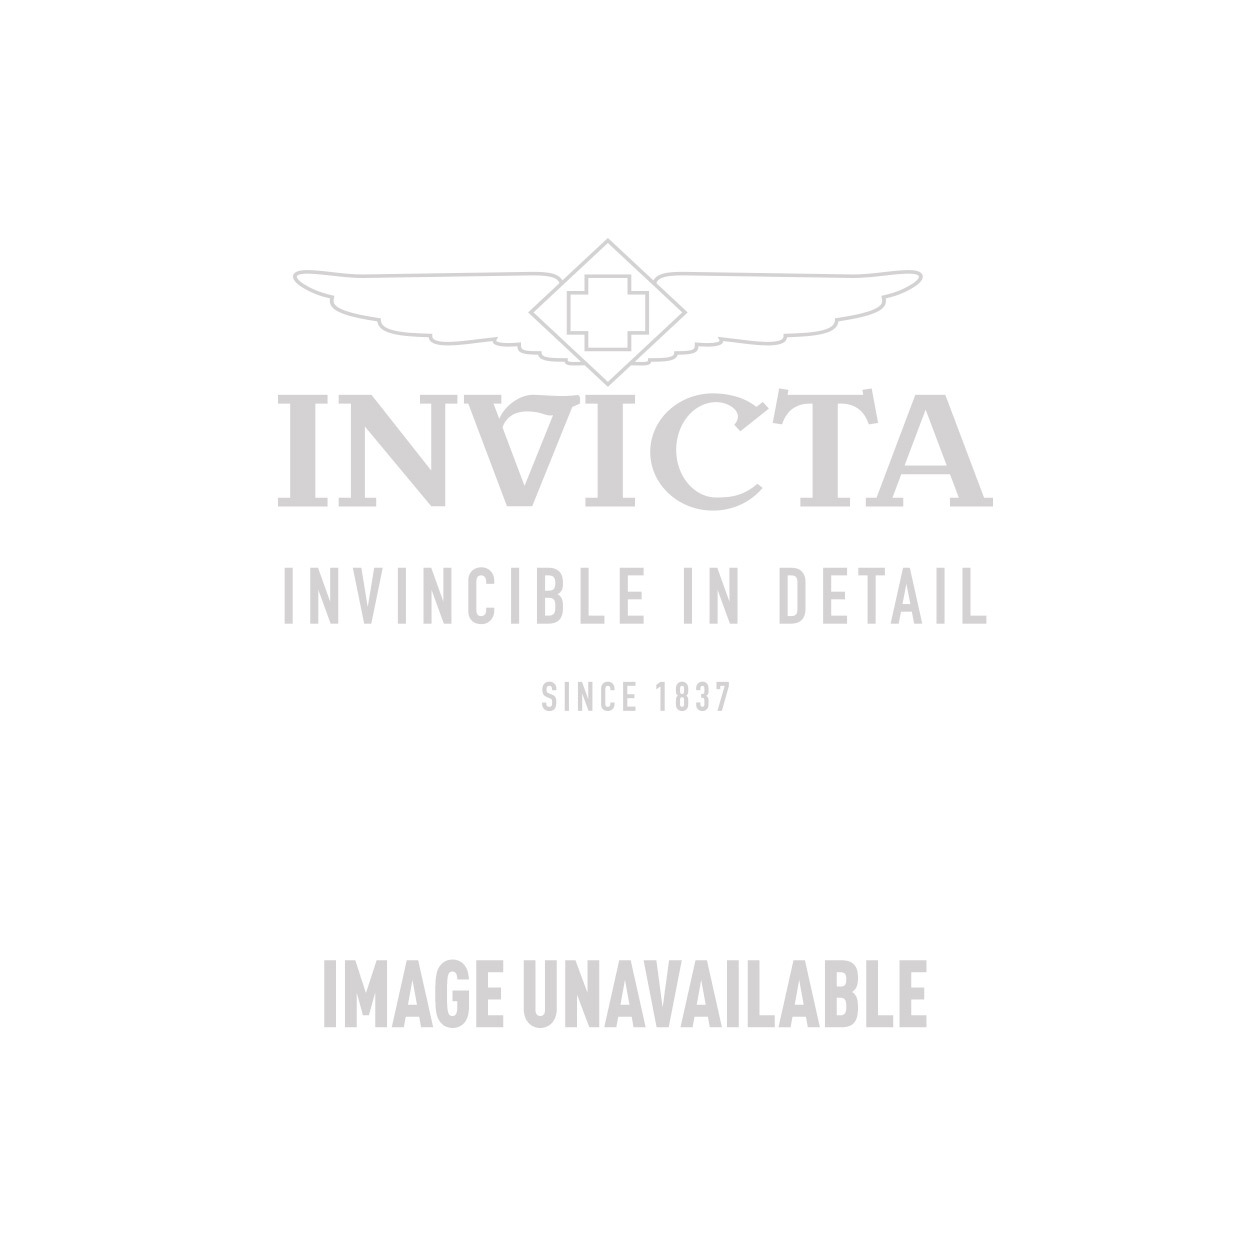 Invicta Model 29093